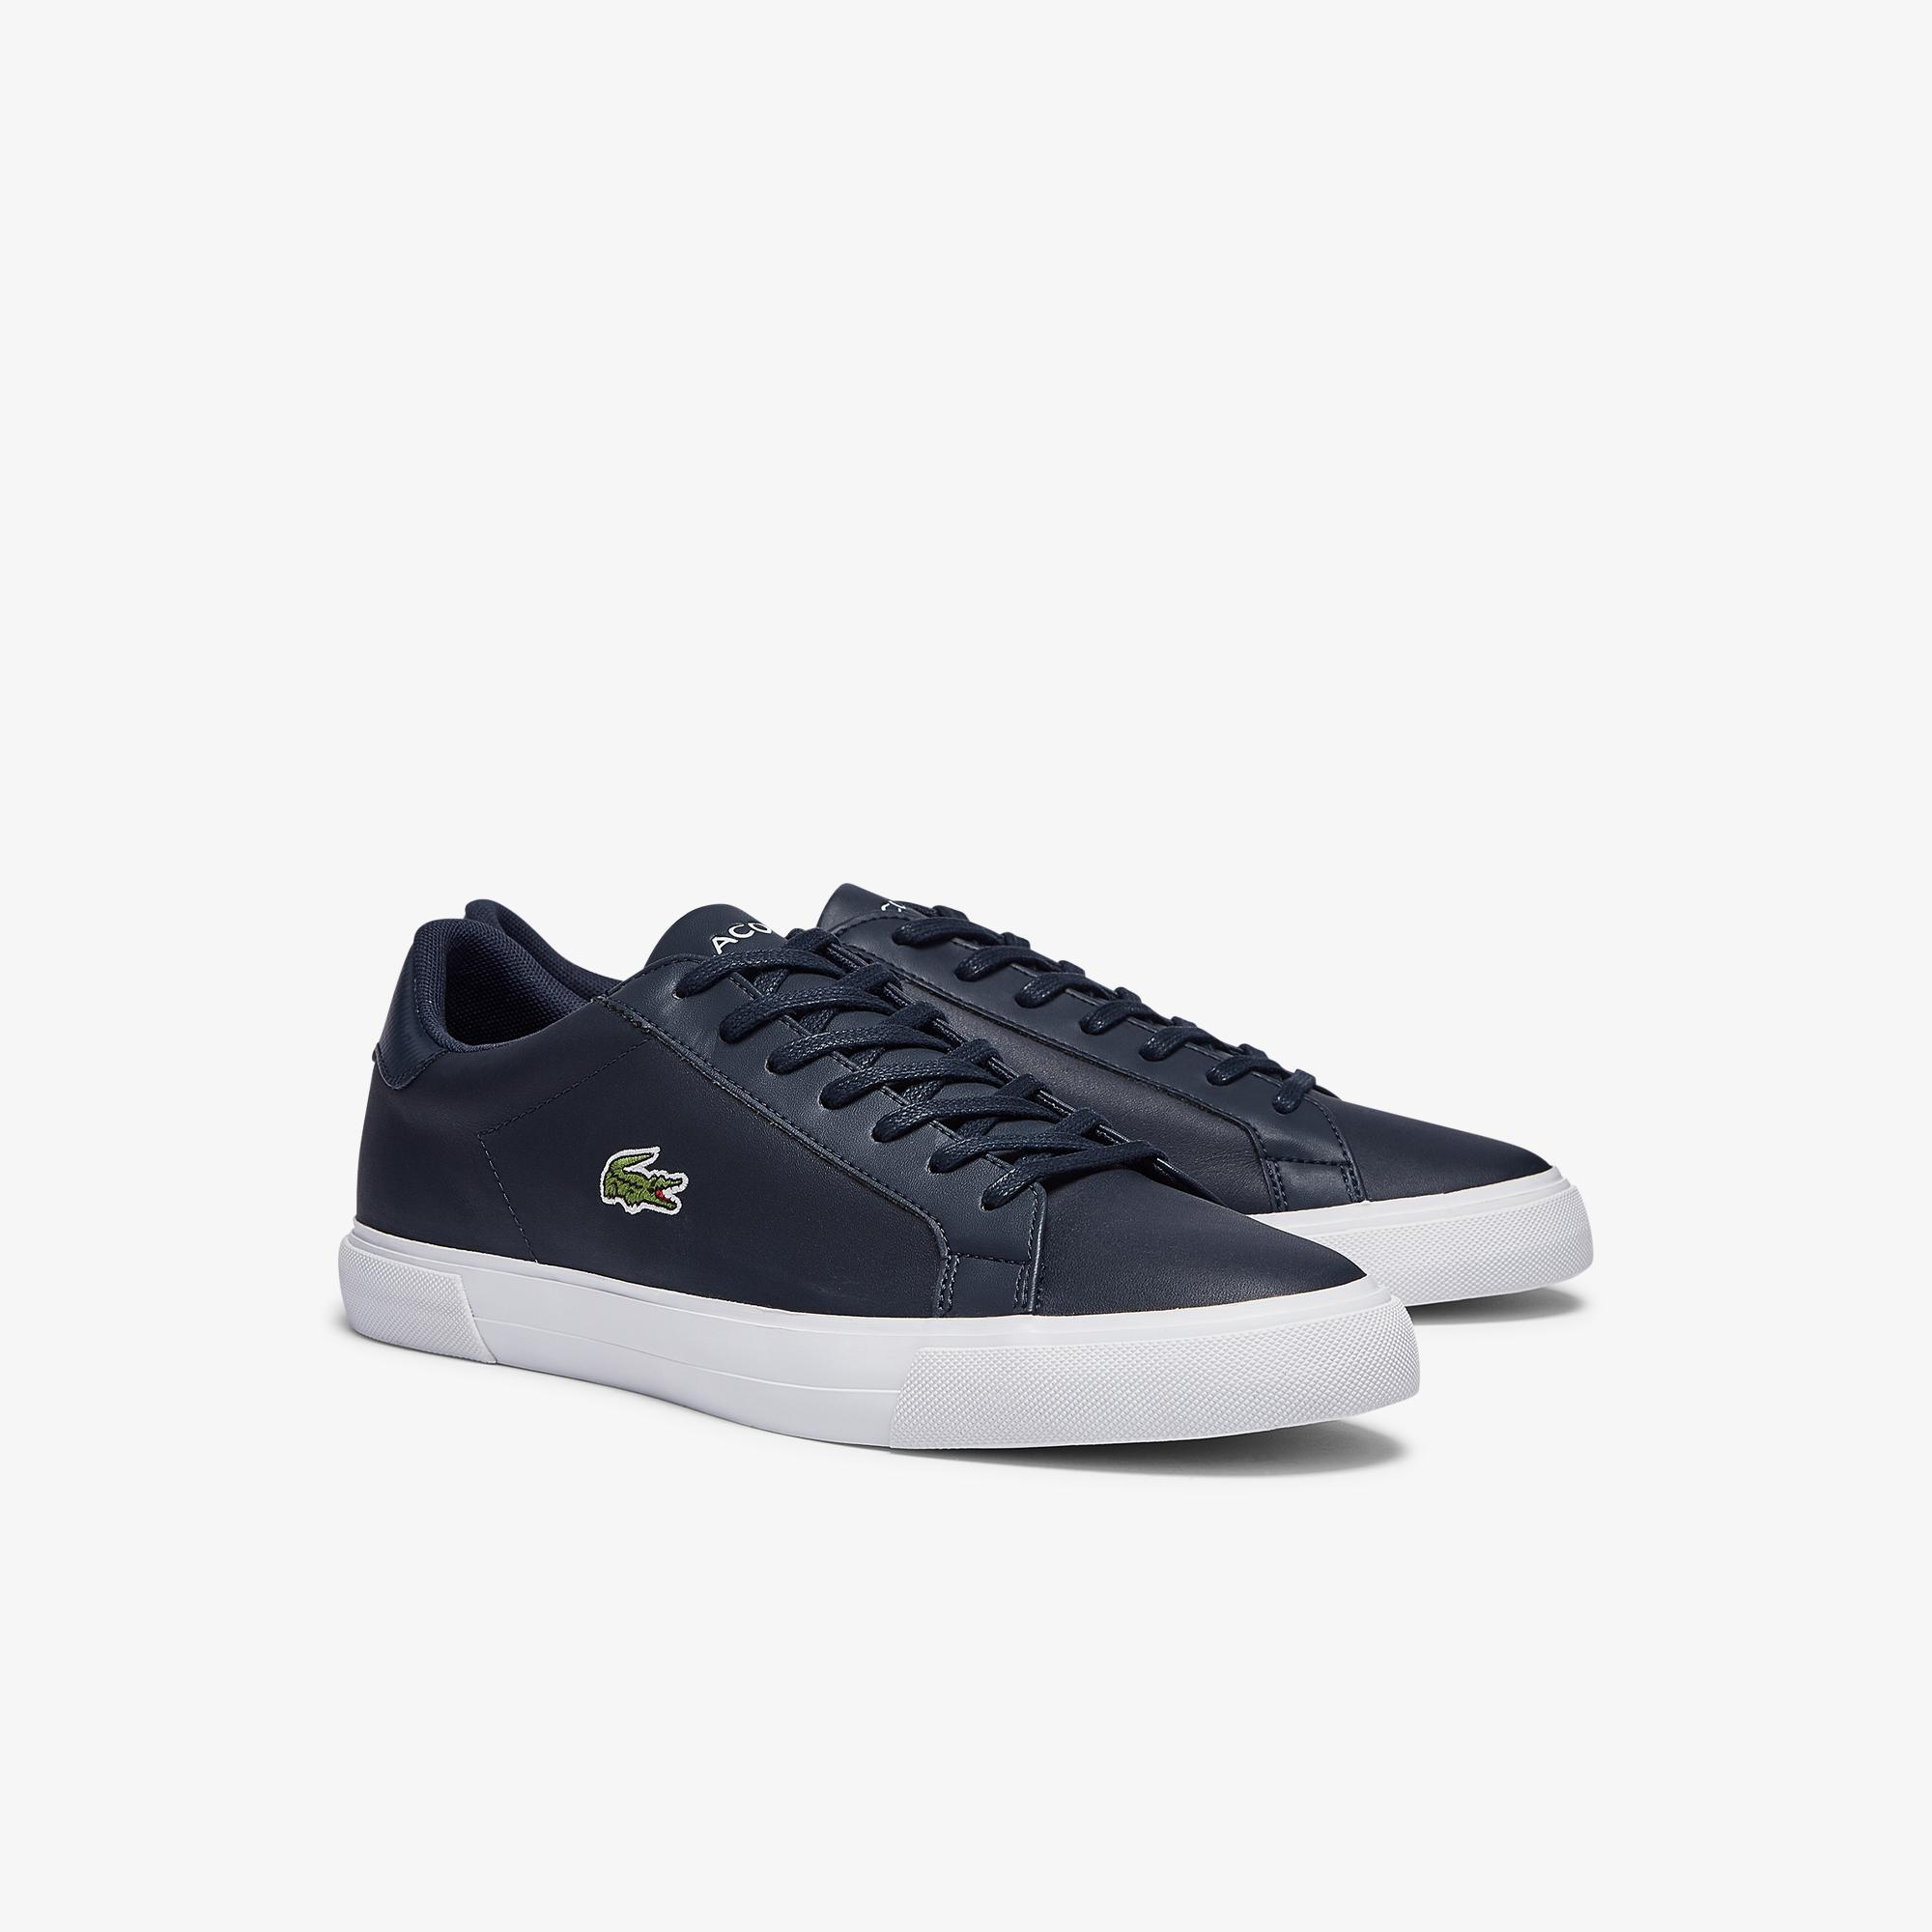 Lacoste Men's Lerond Plus 0721 1 Cma Shoes